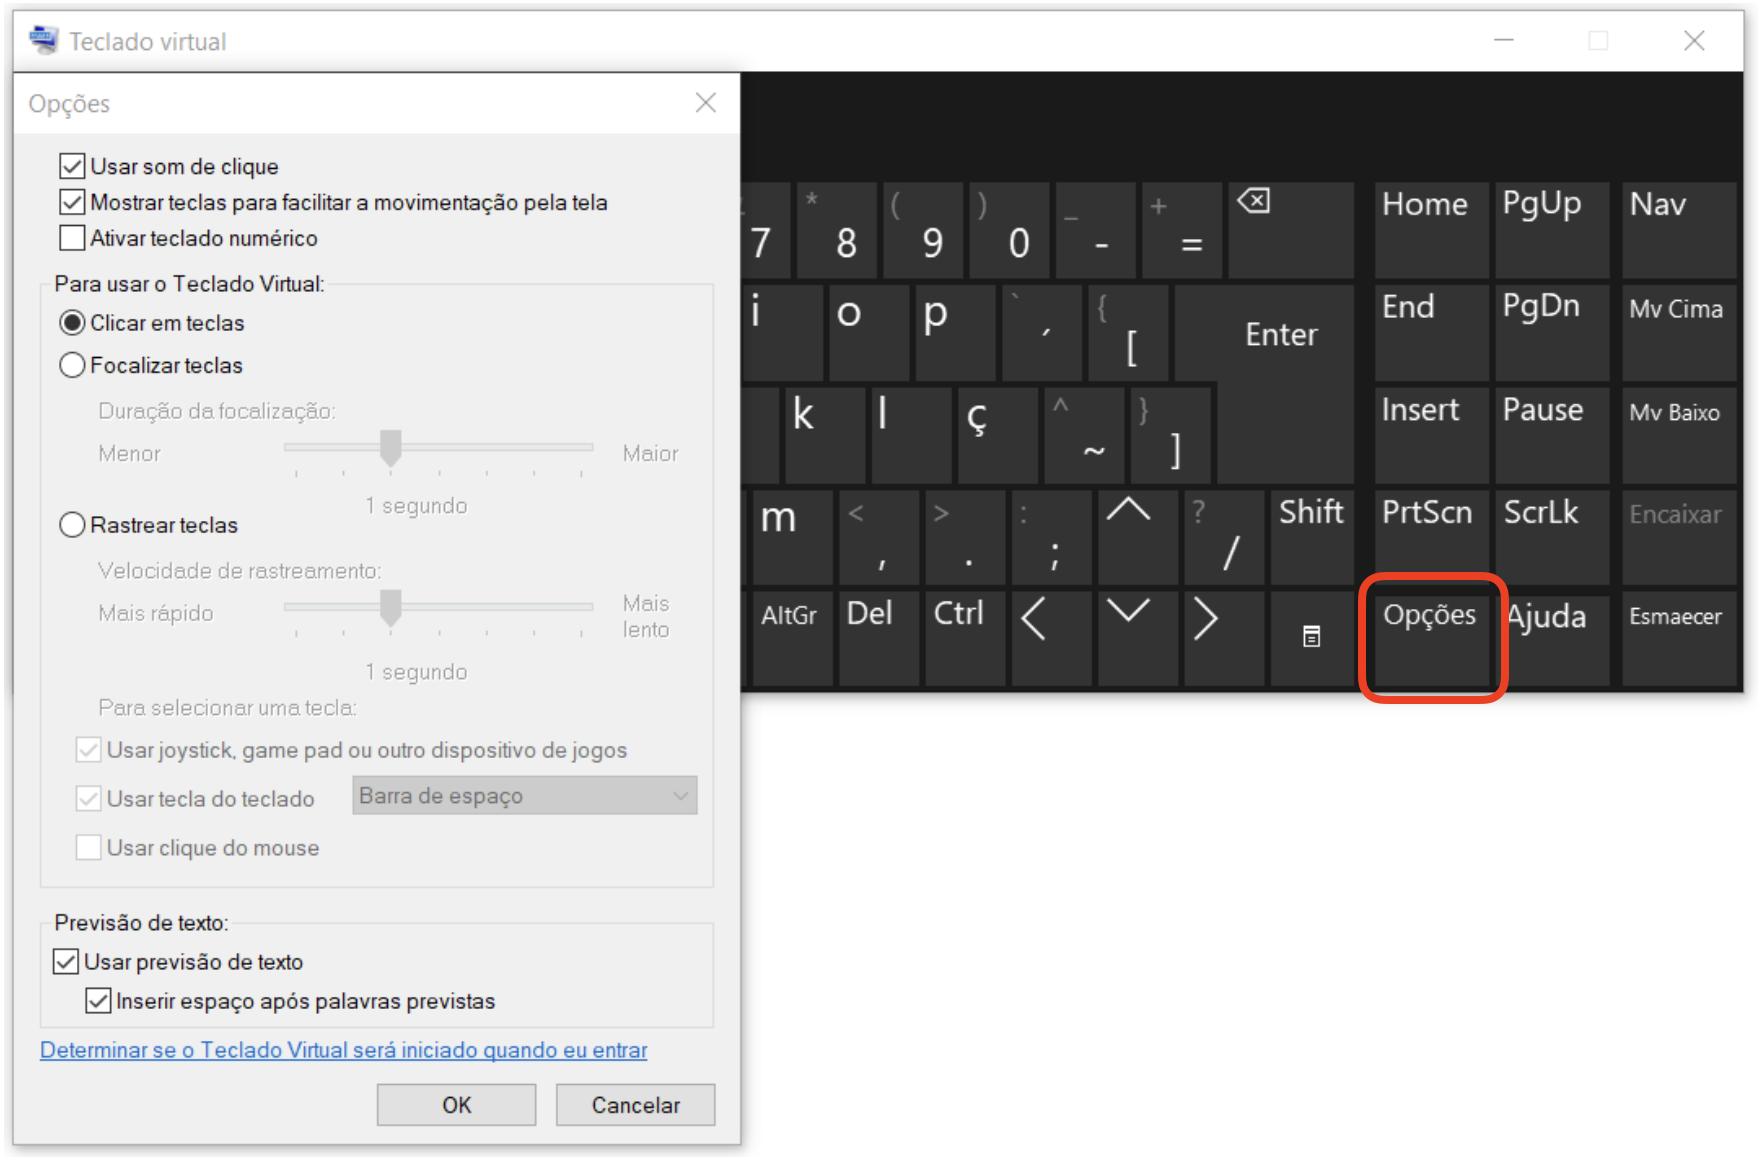 Captura de tela mostrando as opções do teclado virtual